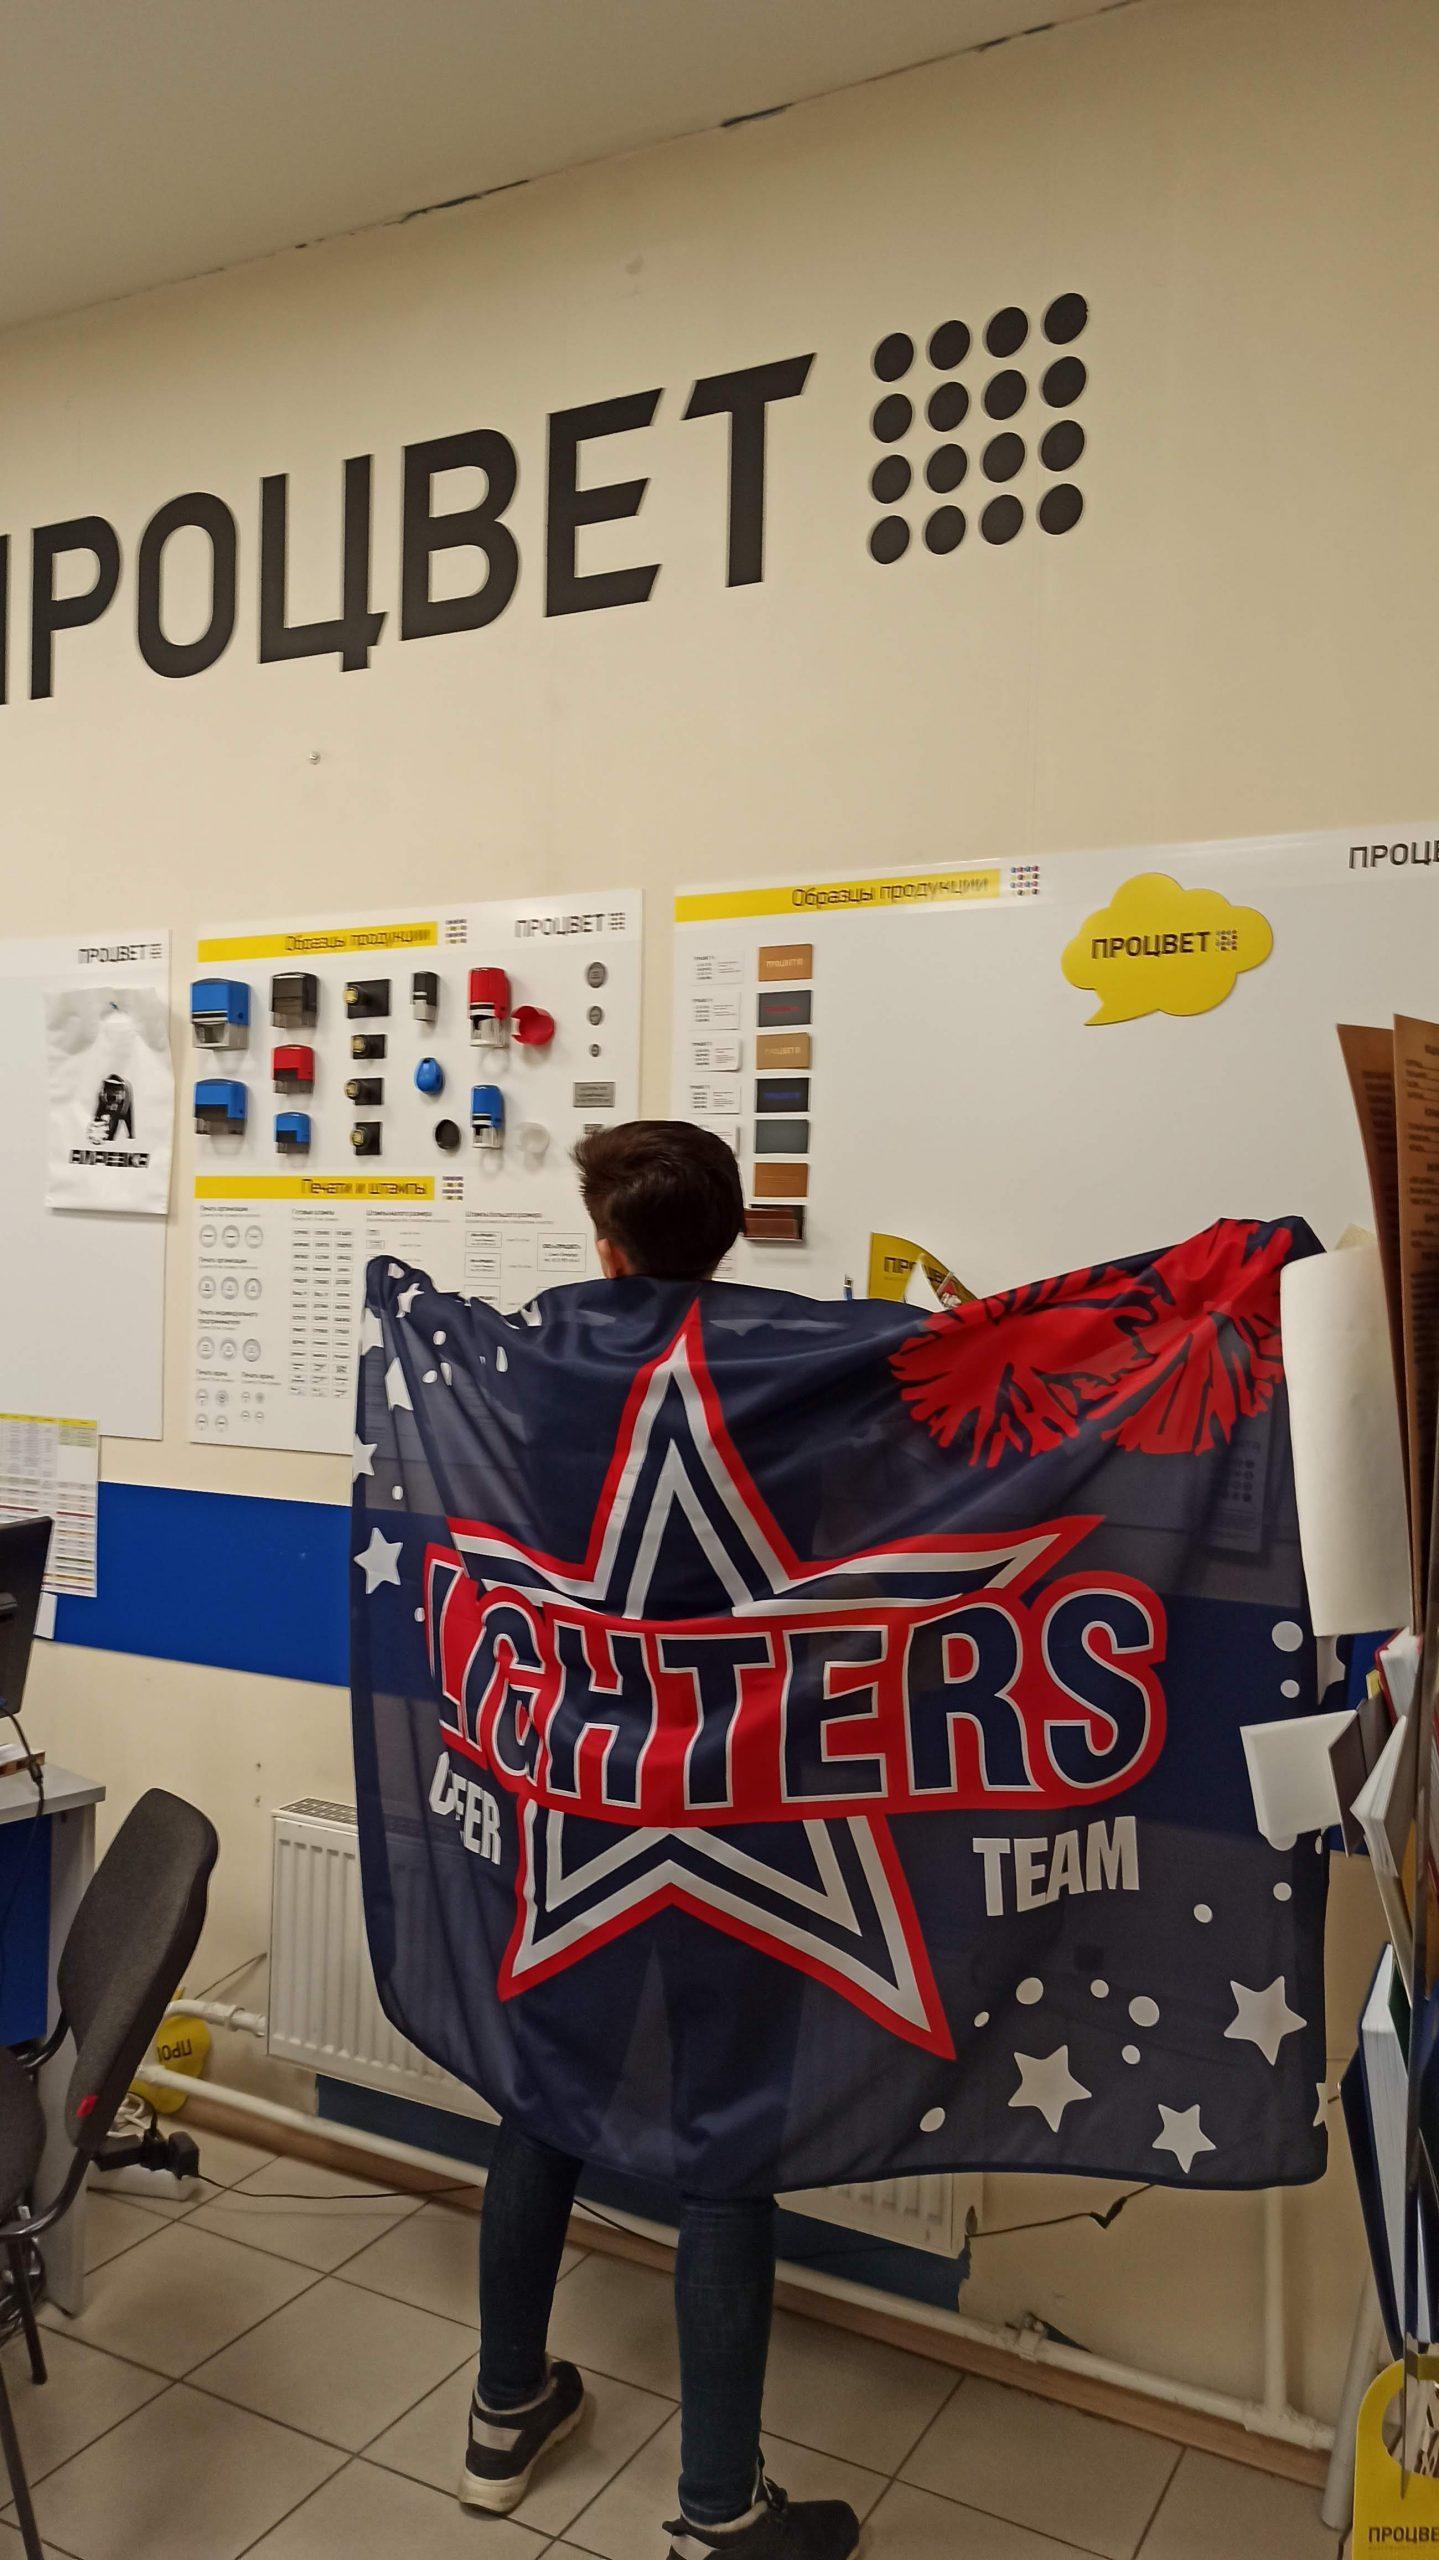 флаг прямая печать на ткани